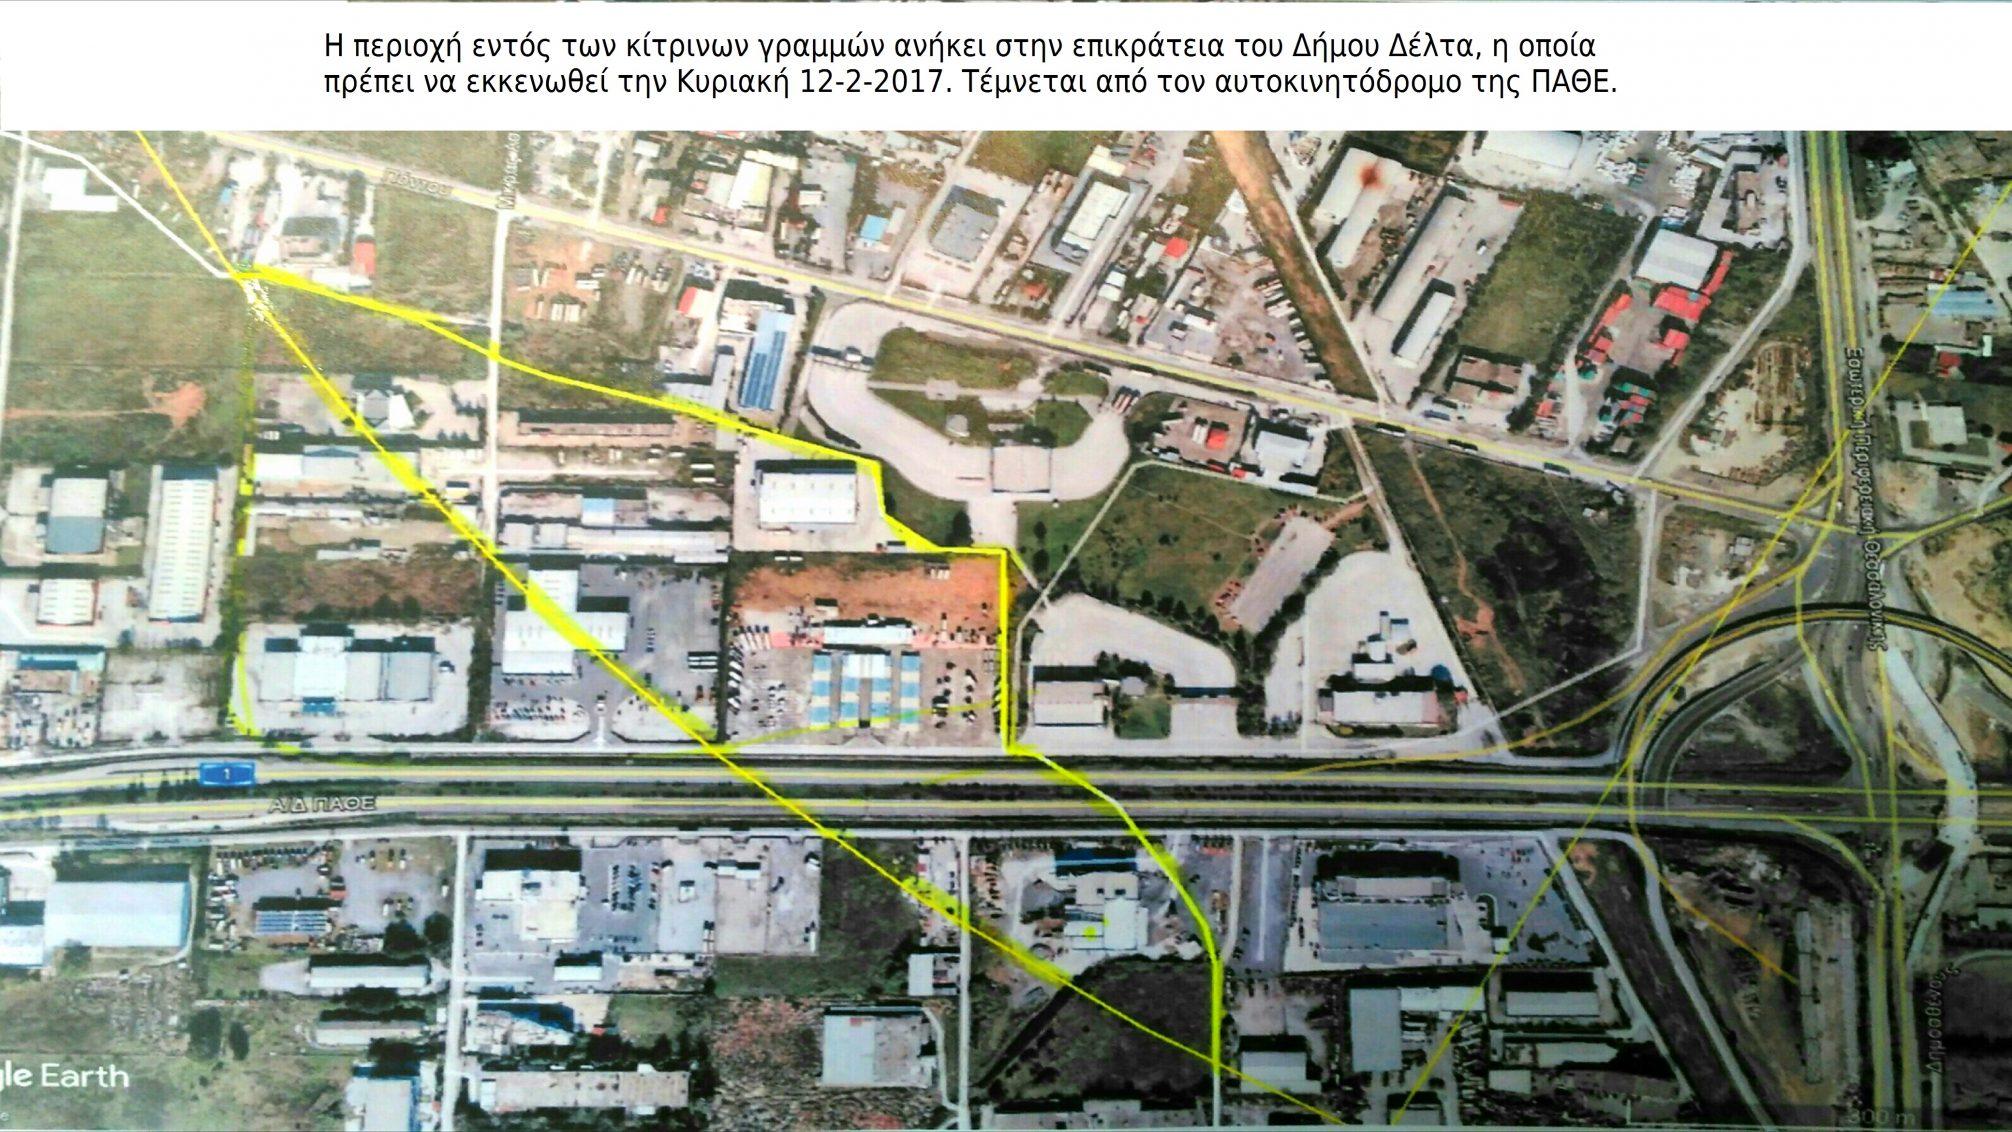 bomba-map-2